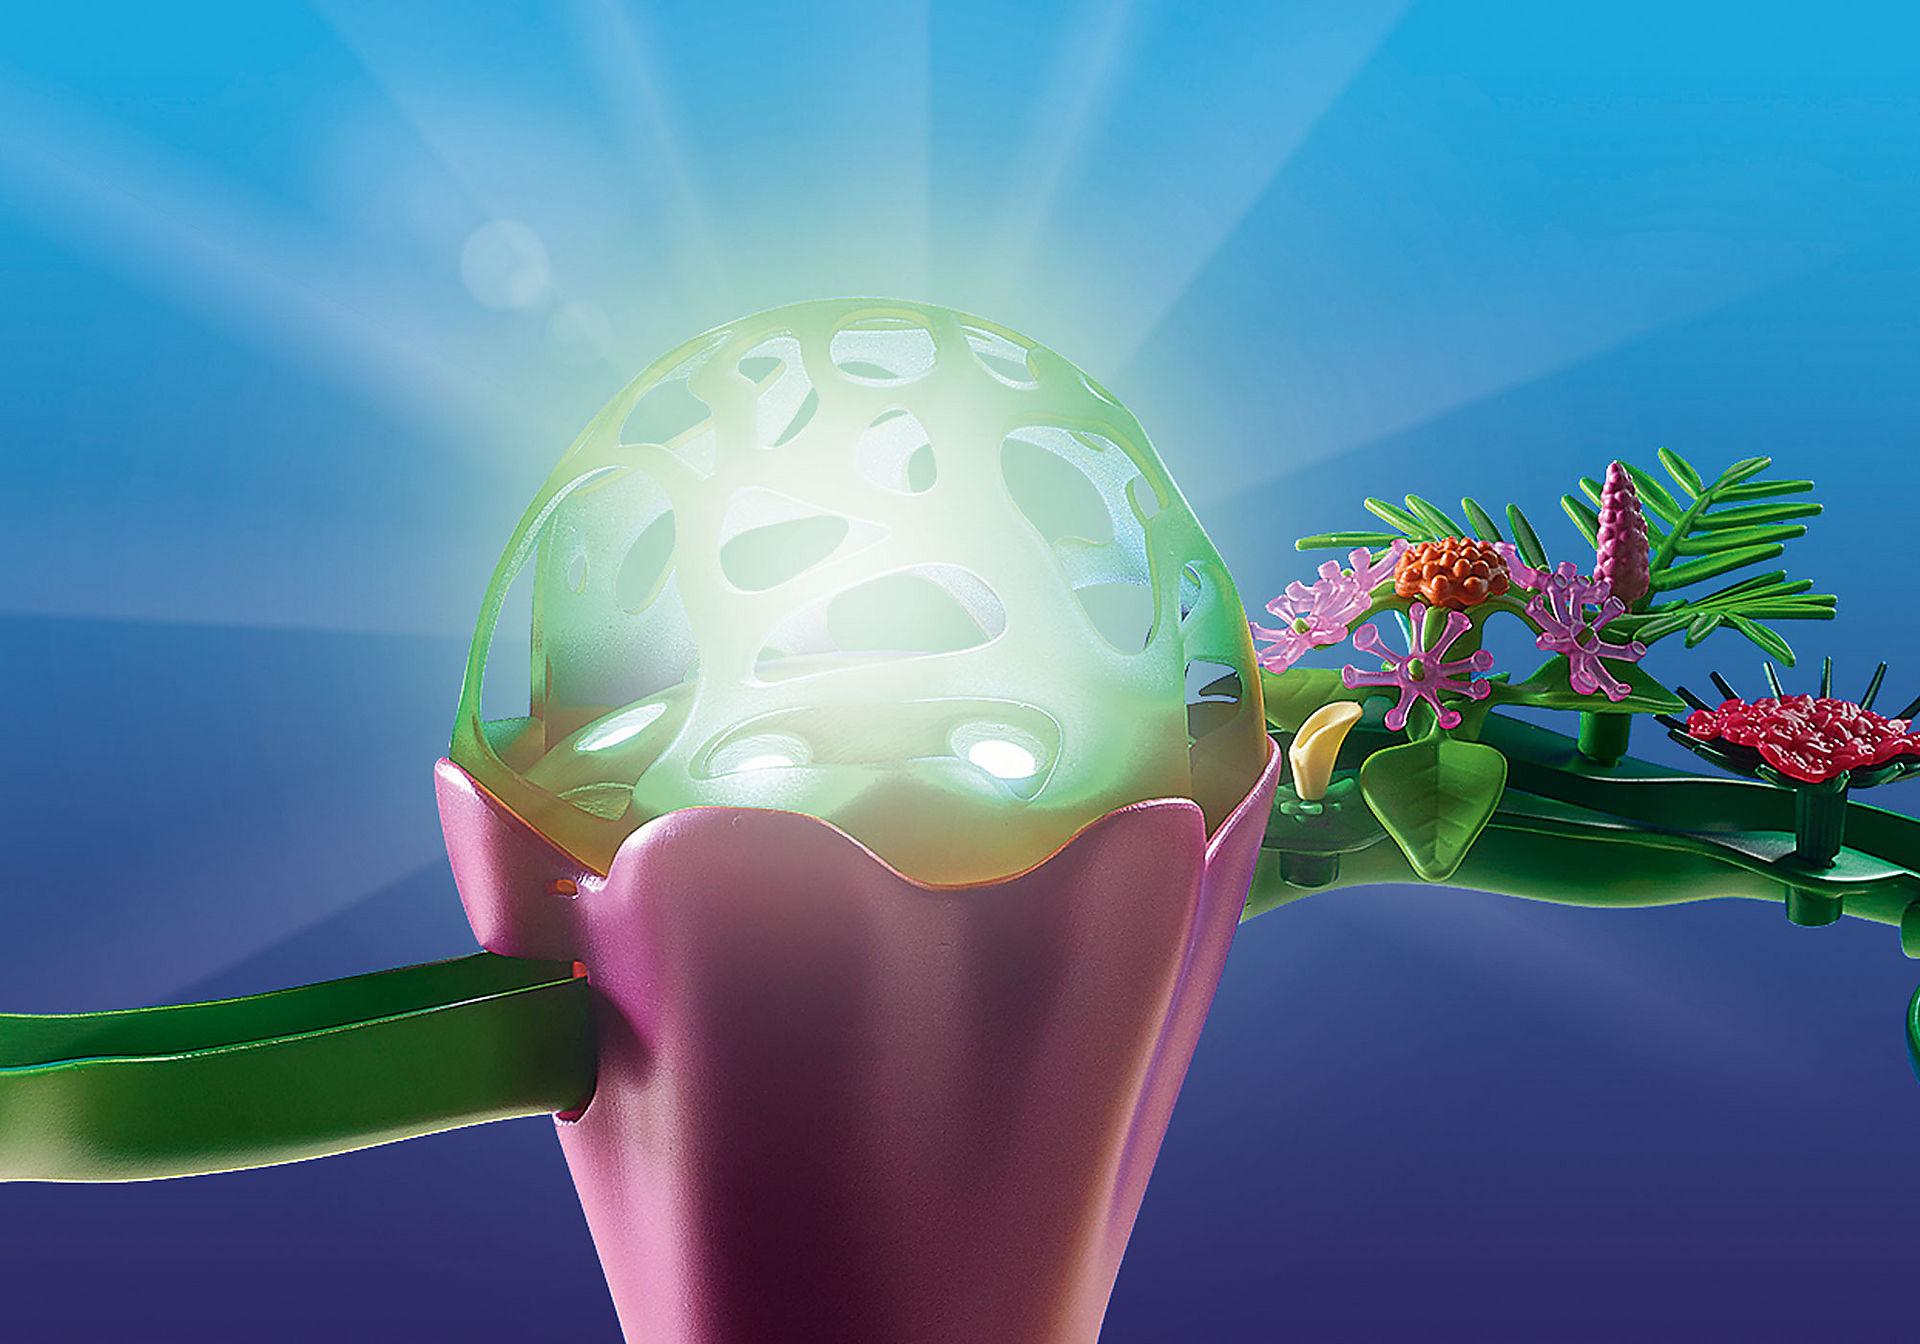 70094 Palazzo delle Sirene con cupola luminosa zoom image6